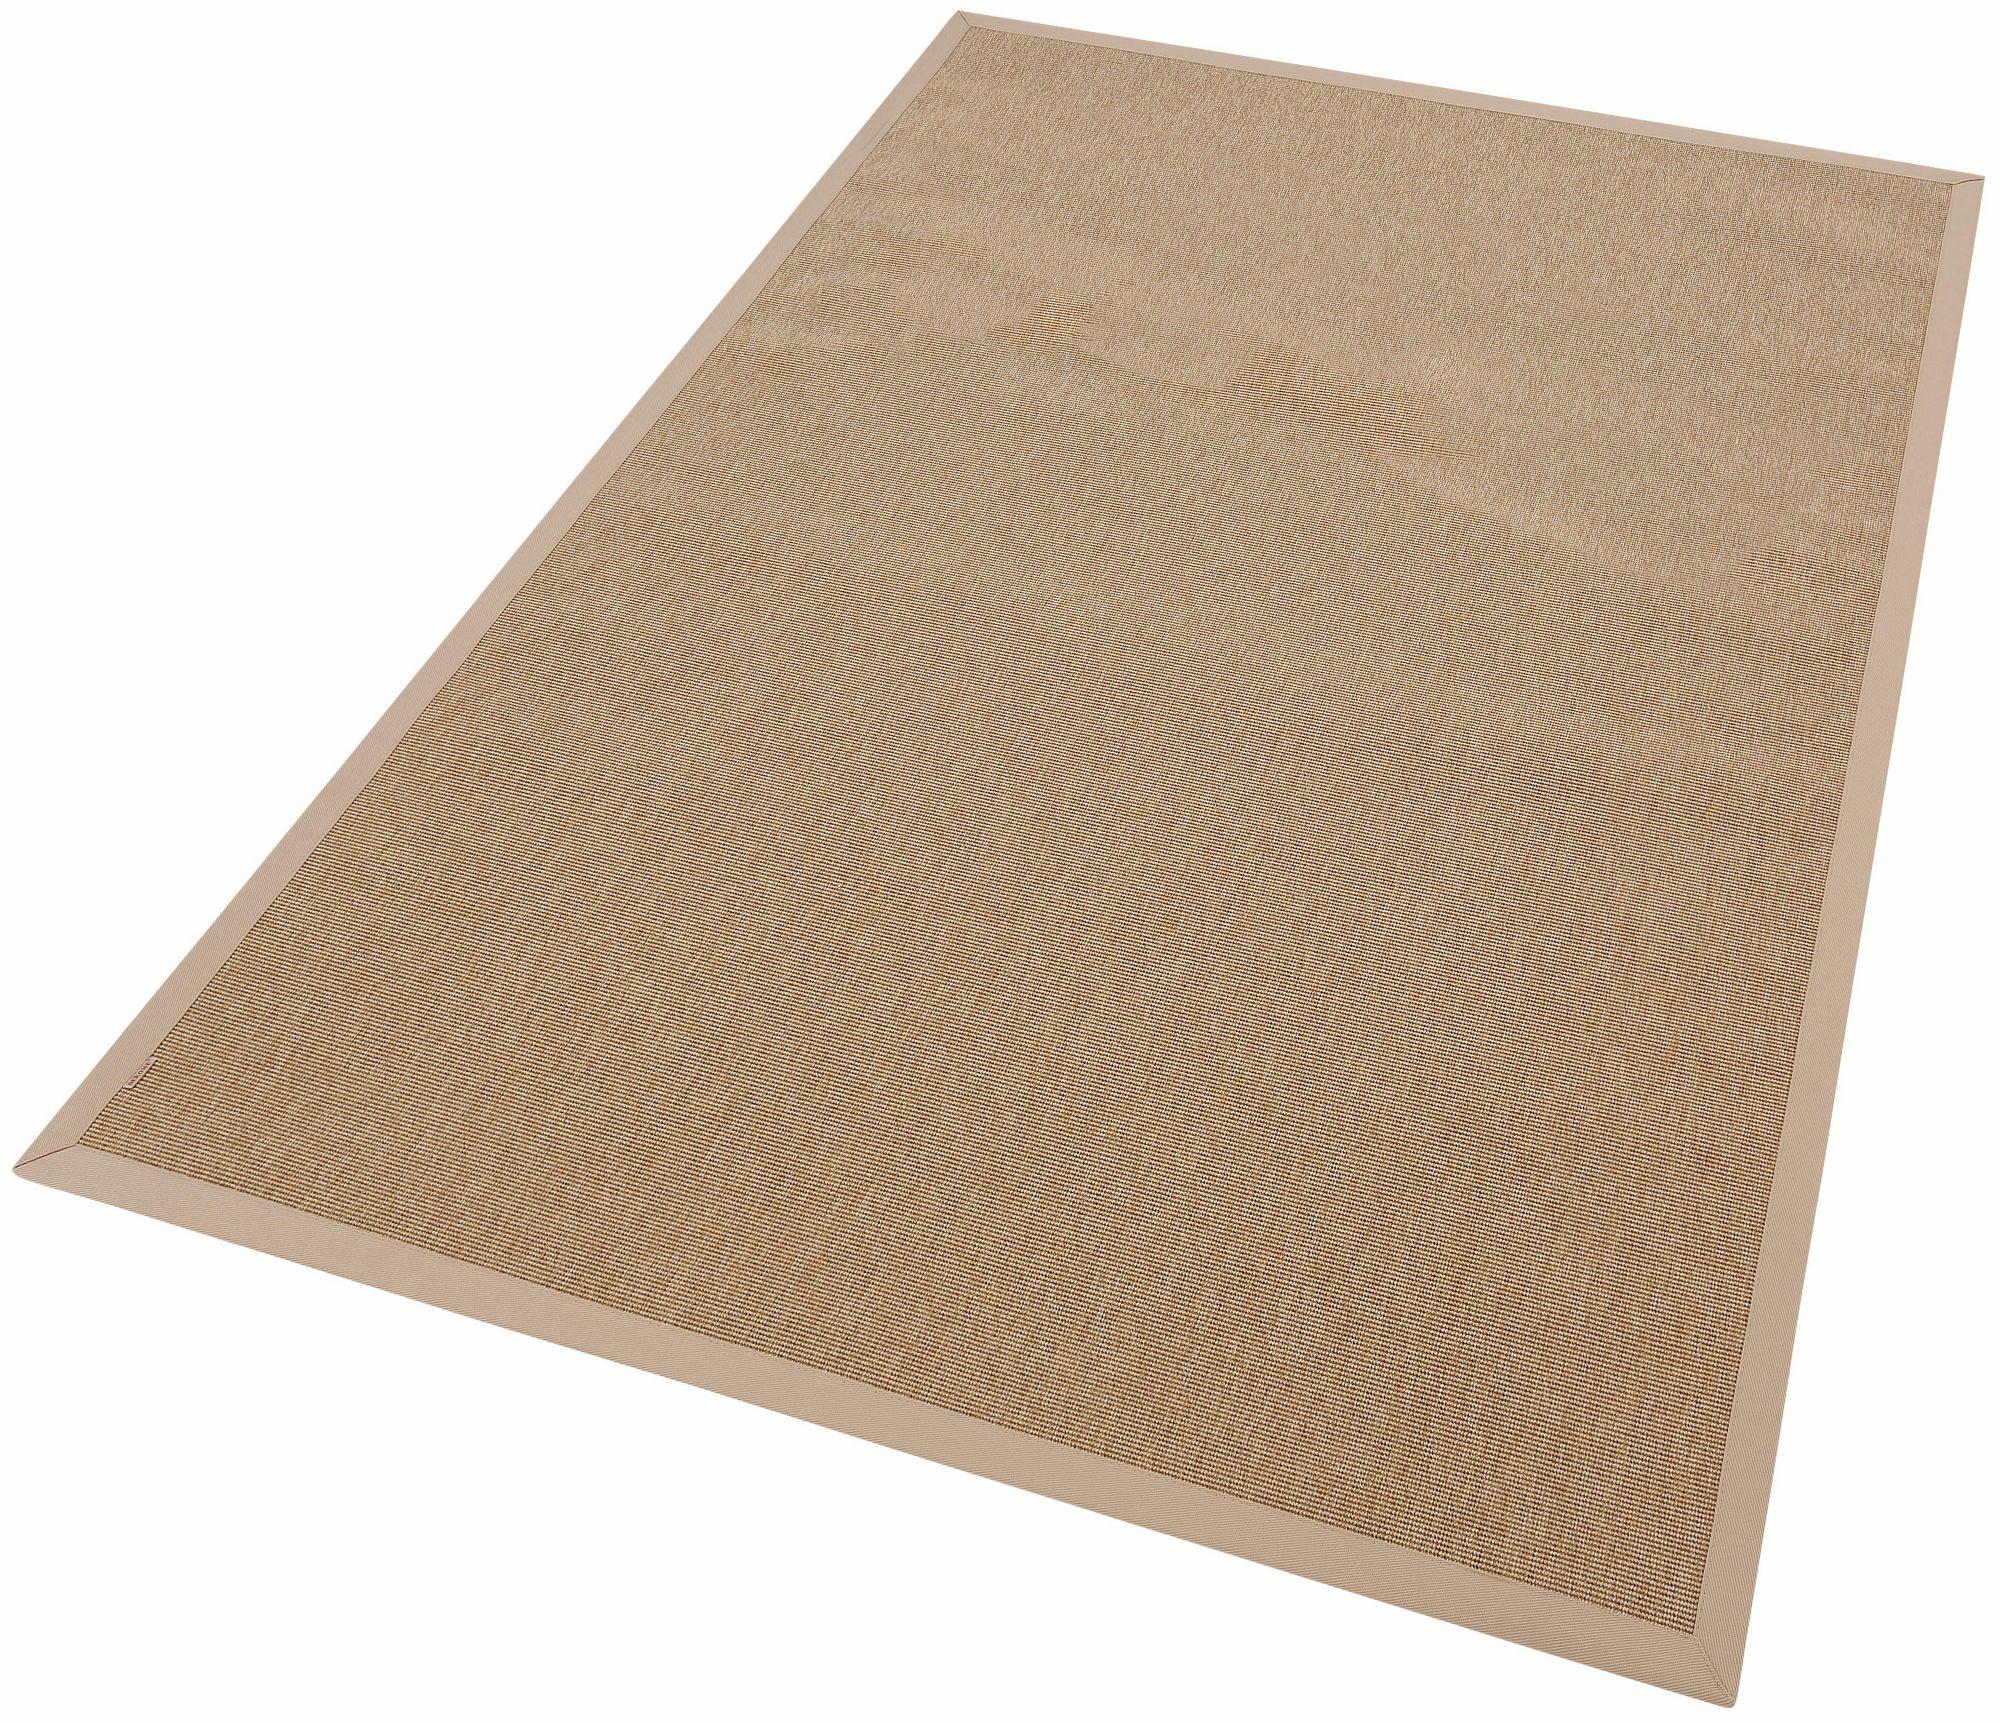 teppich sisaloptik g nstig online kaufen beim schwab versand. Black Bedroom Furniture Sets. Home Design Ideas